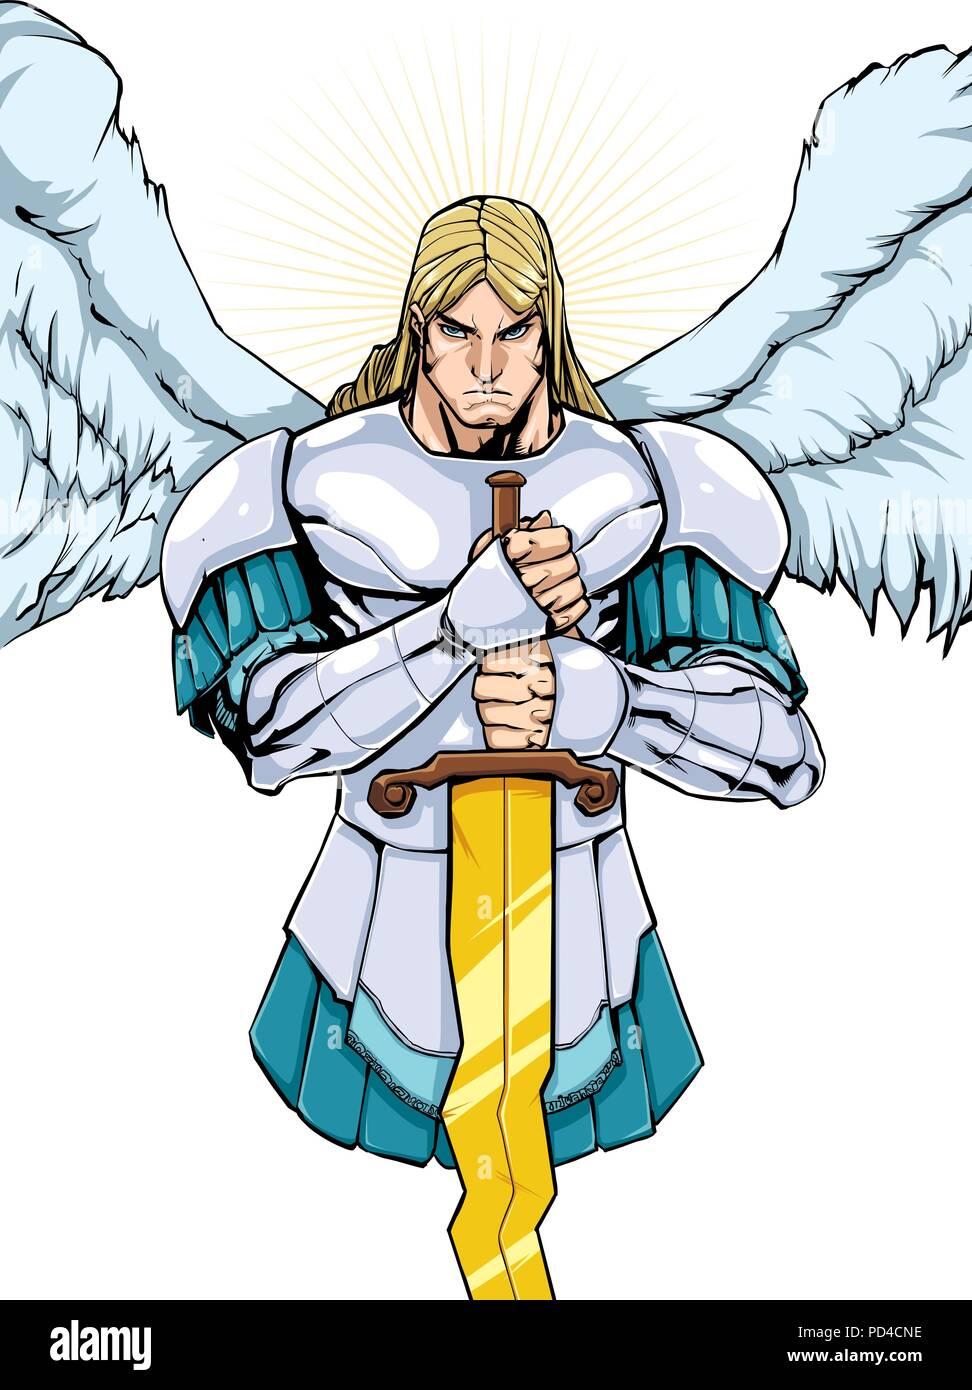 Archangel Michael Portrait 2 - Stock Vector